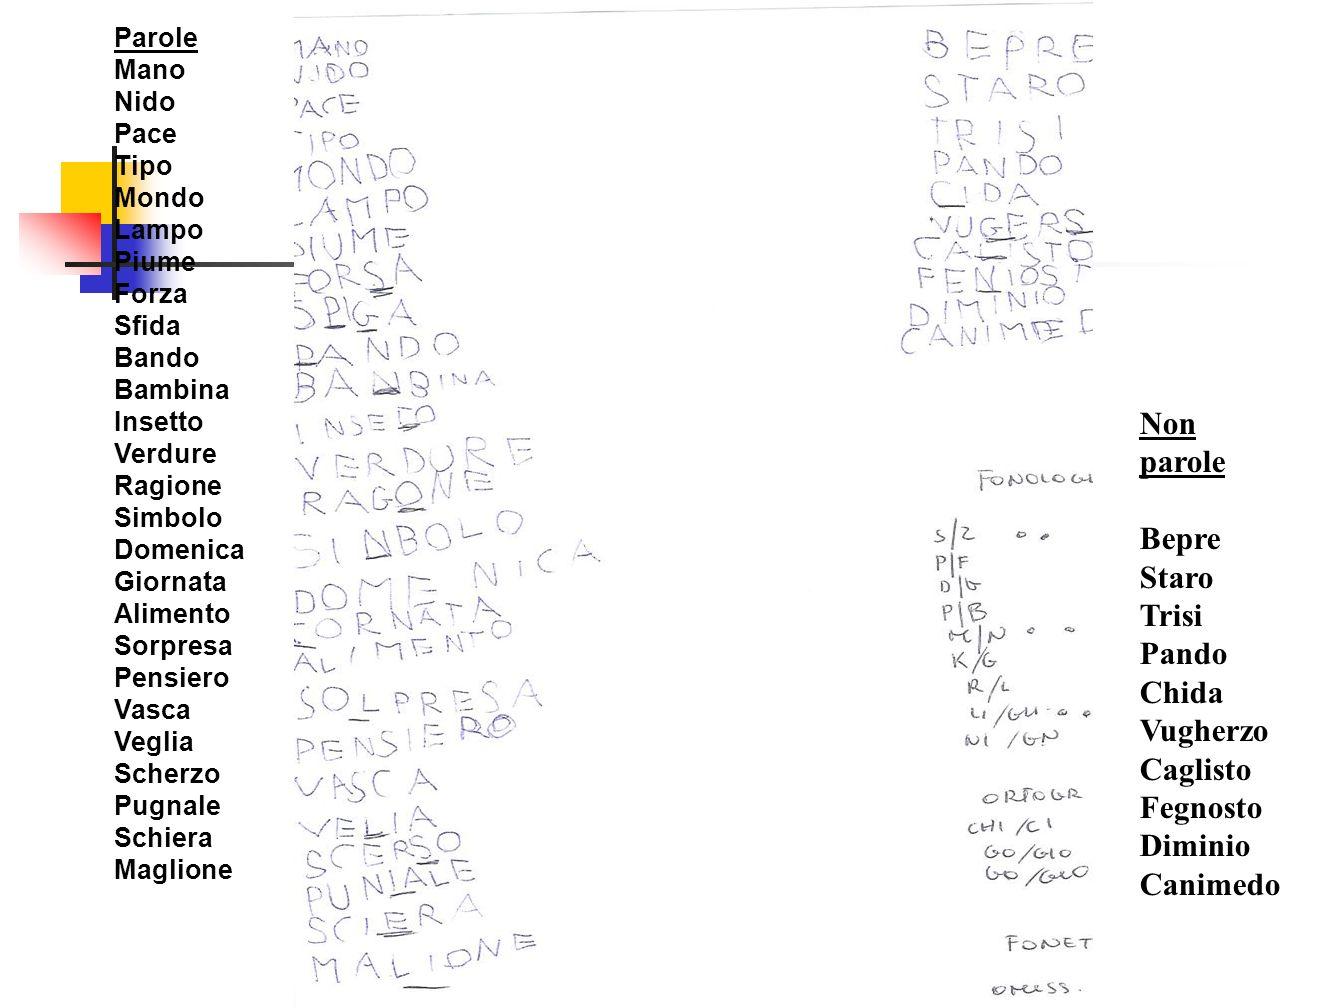 - screening II elementare- AID Parole Mano Nido Pace Tipo Mondo Lampo Piume Forza Sfida Bando Bambina Insetto Verdure Ragione Simbolo Domenica Giornata Alimento Sorpresa Pensiero Vasca Veglia Scherzo Pugnale Schiera Maglione Non parole Bepre Staro Trisi Pando Chida Vugherzo Caglisto Fegnosto Diminio Canimedo